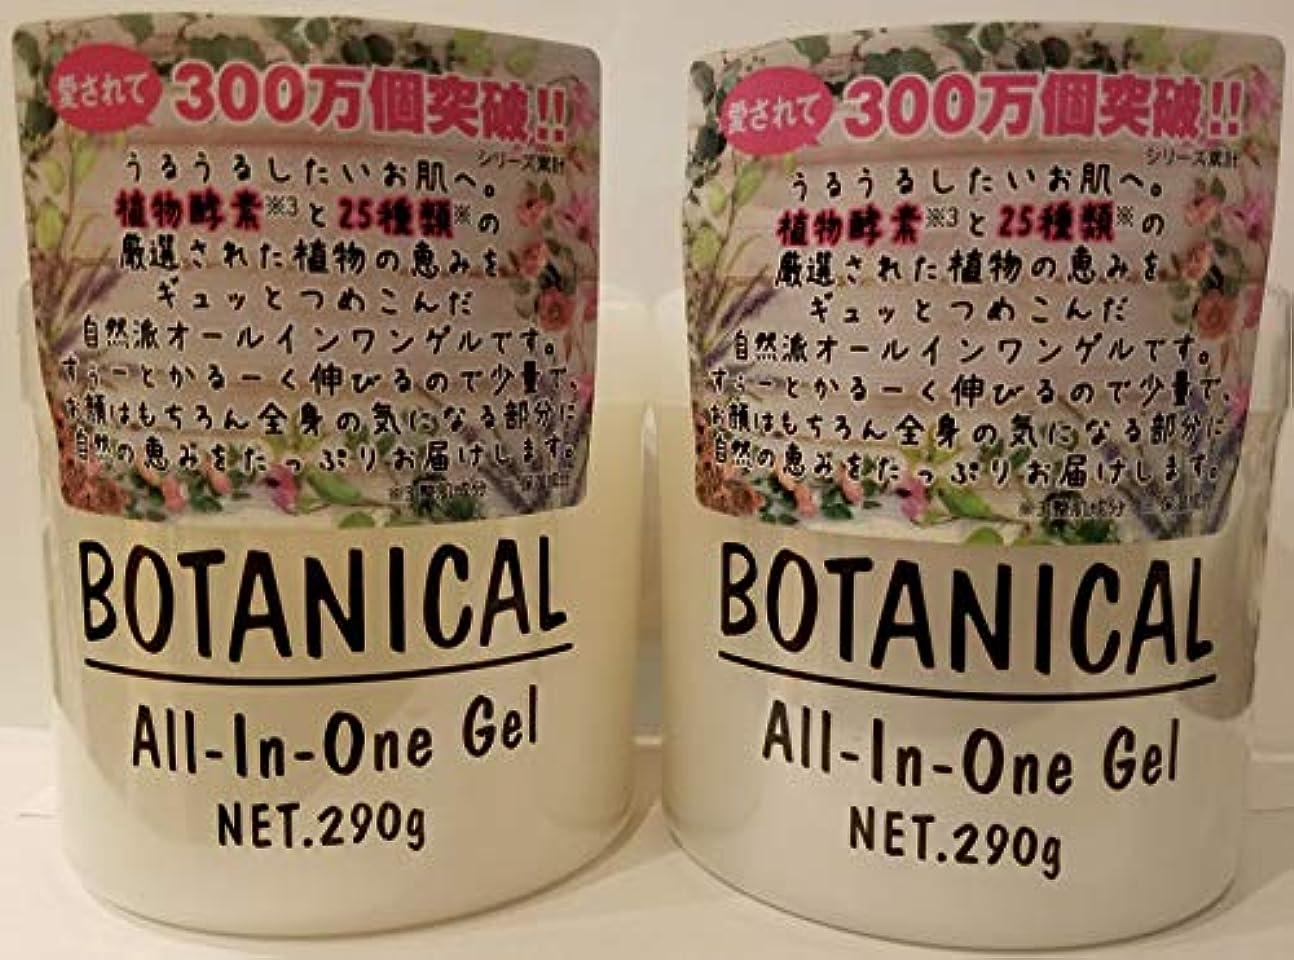 あごひげ胆嚢威するボタニカル オールインワンゲル 290g×2 【2個セット】